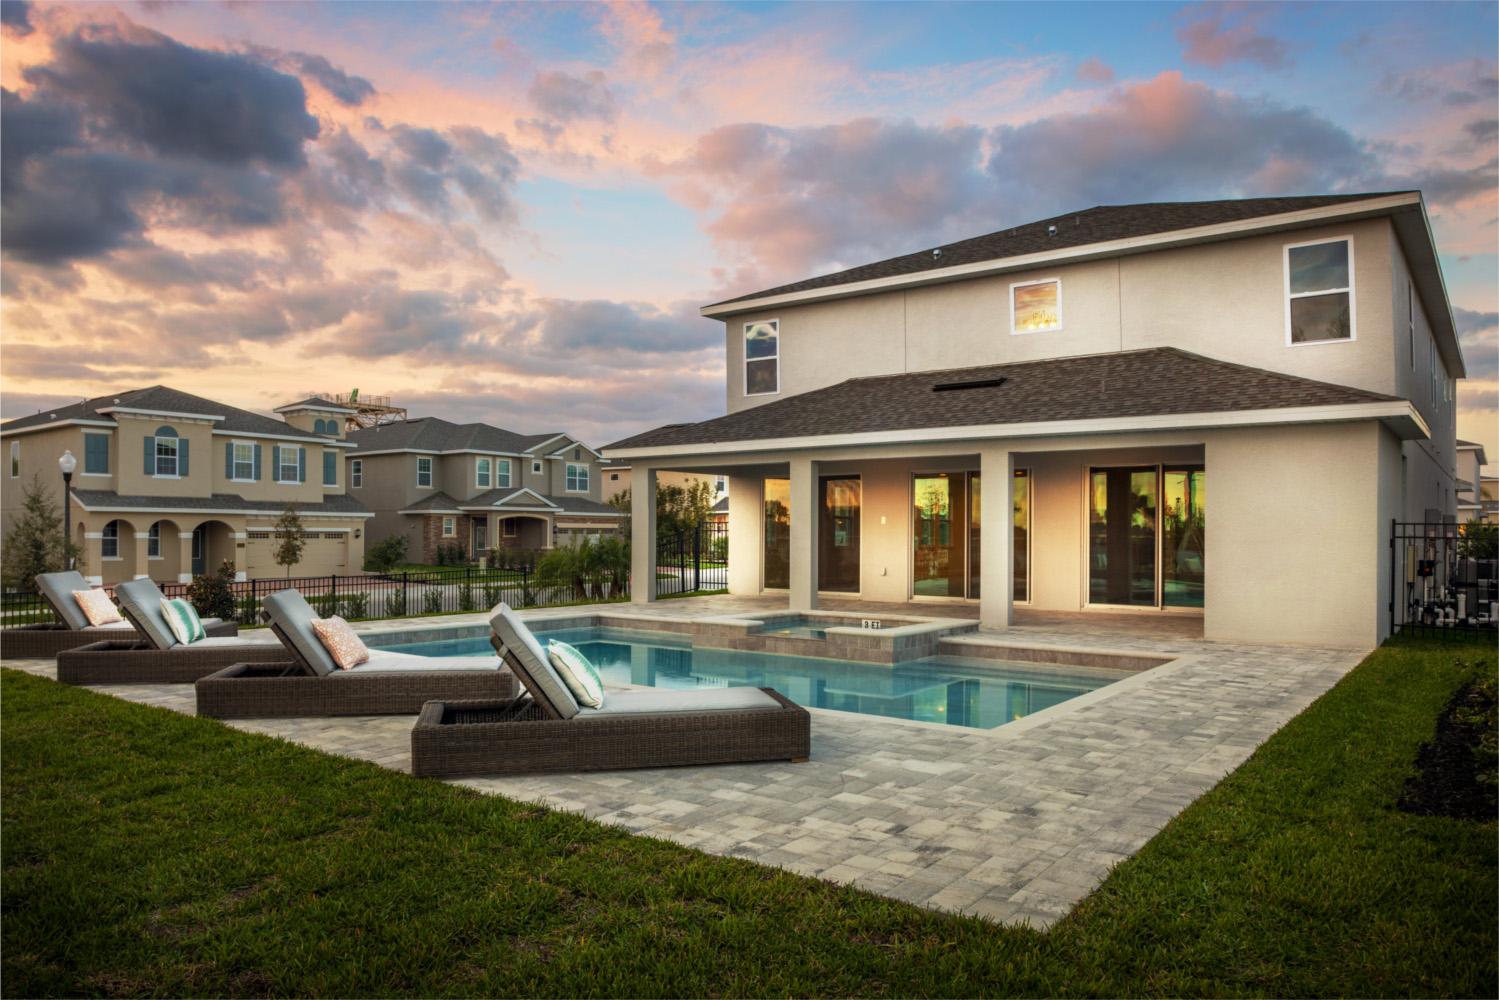 Locação de casas em Orlando